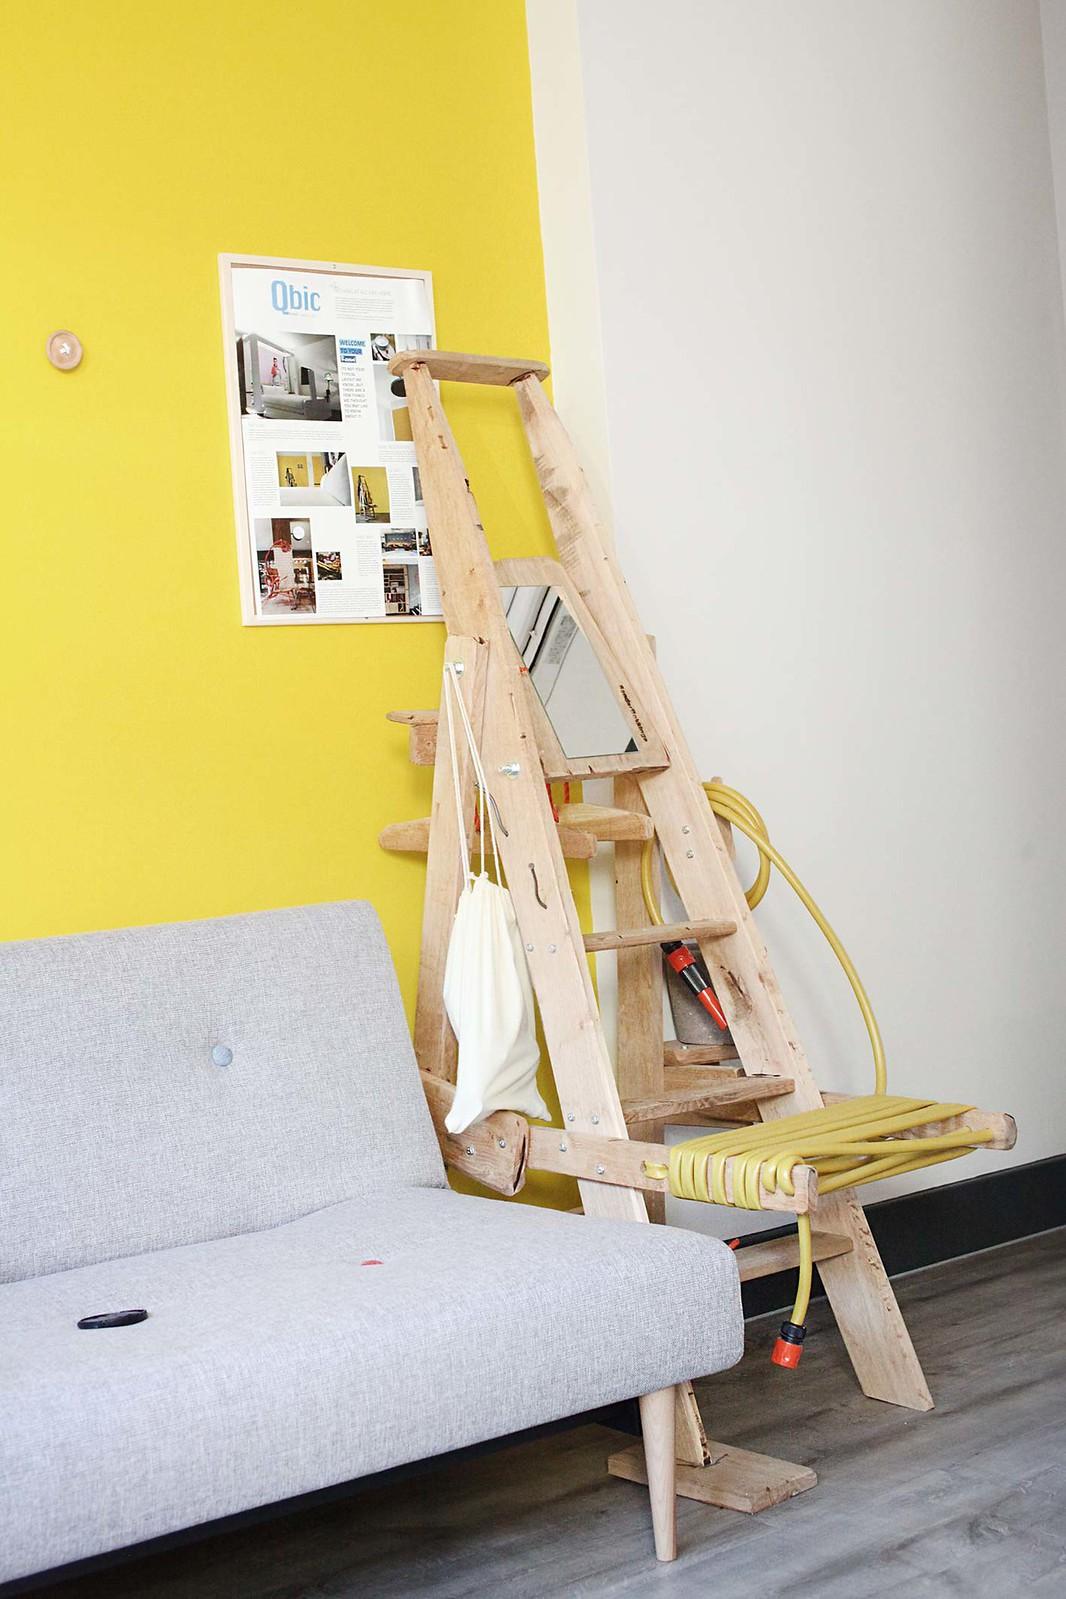 qbic-hotel-london-design-interior-yellow-walls-dutch-desgin